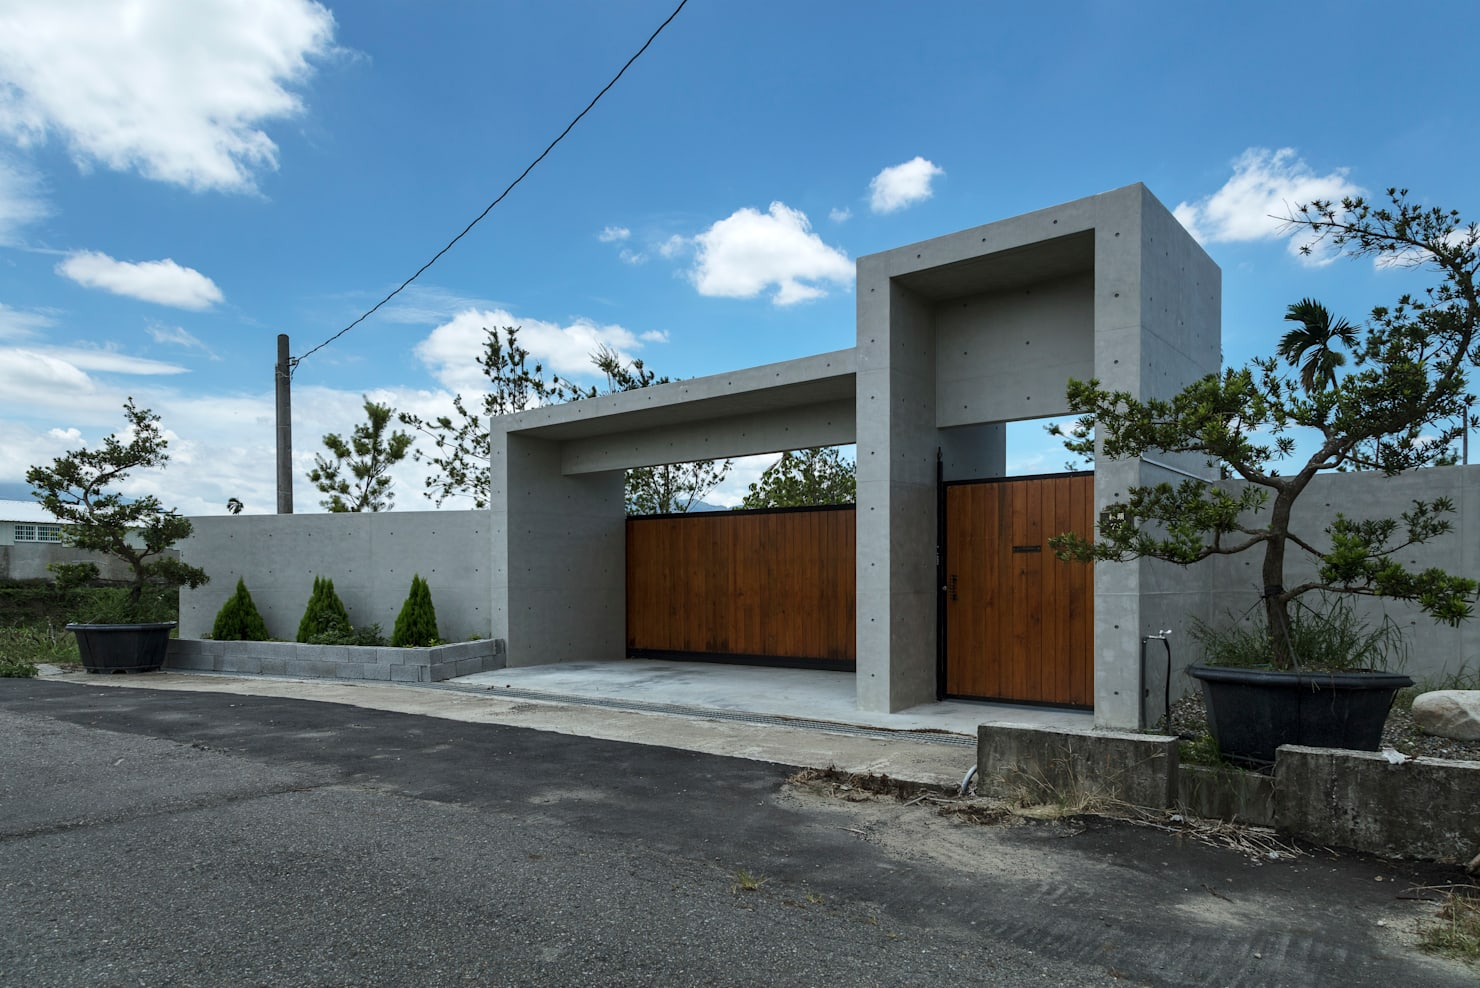 Essa moderna casa de concreto aparente tem um quintal maravilhoso!